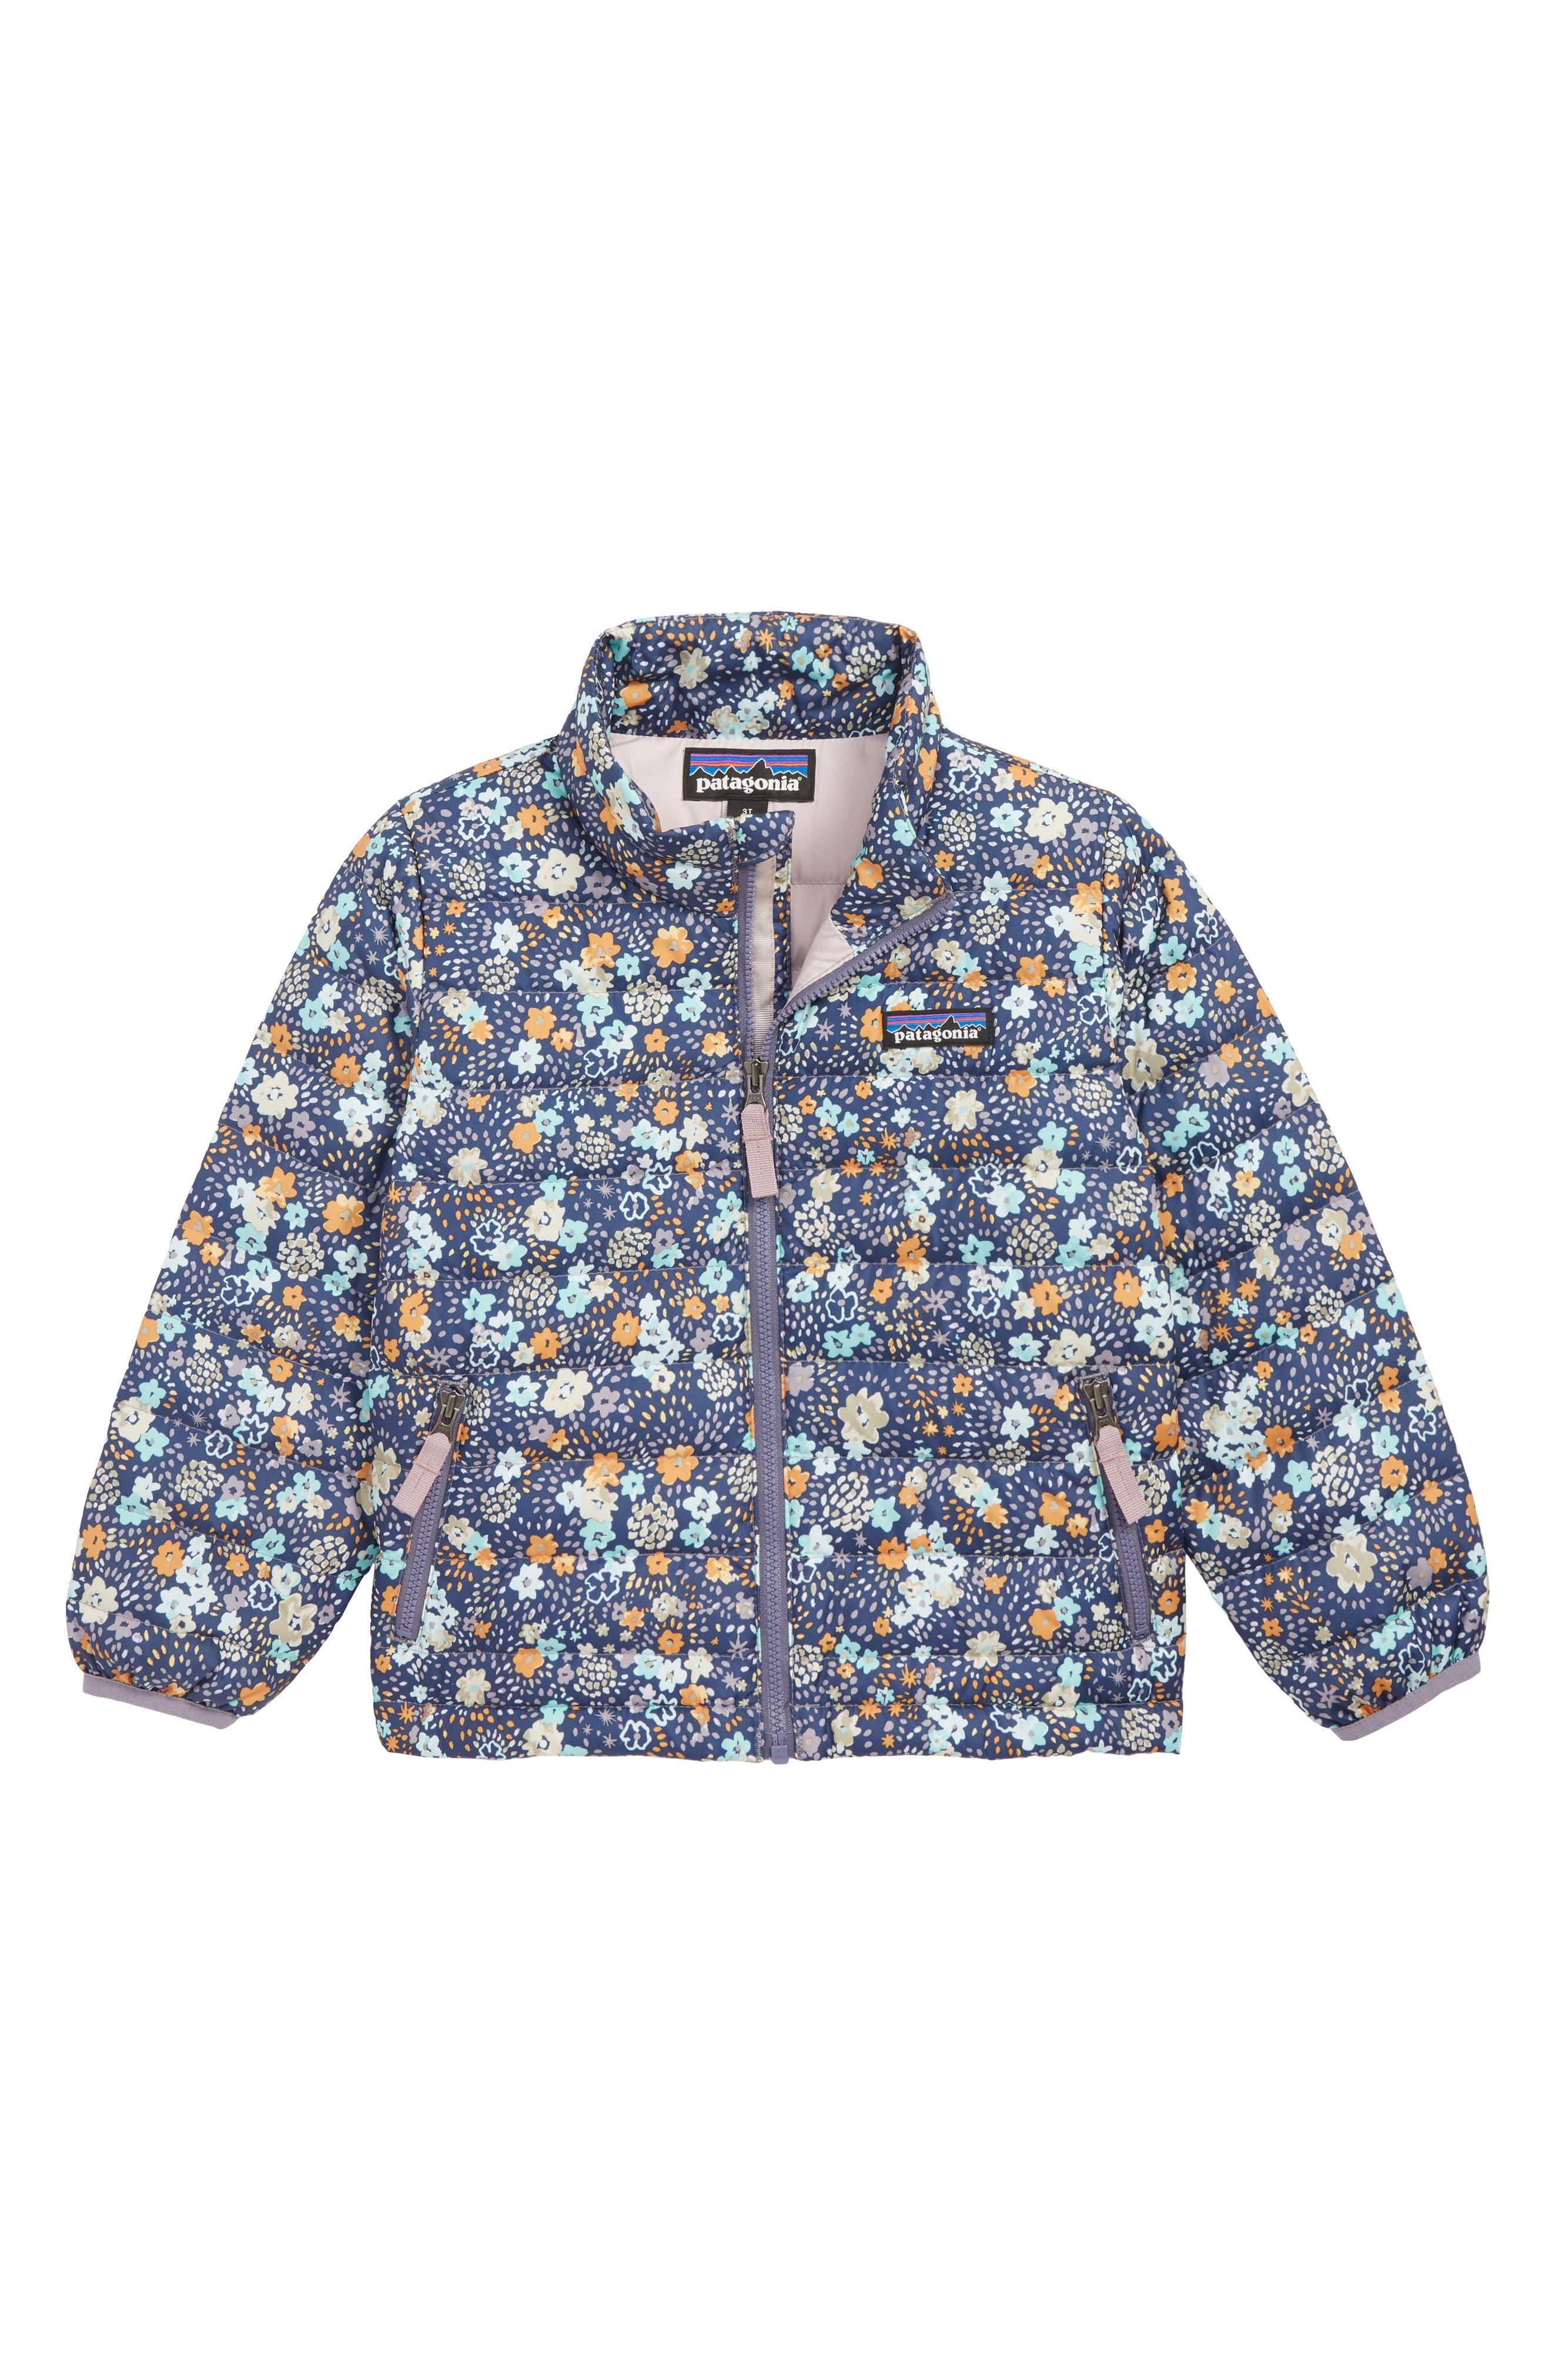 PATAGONIA,                             Down Sweater Jacket,                             Main thumbnail 1, color,                             301